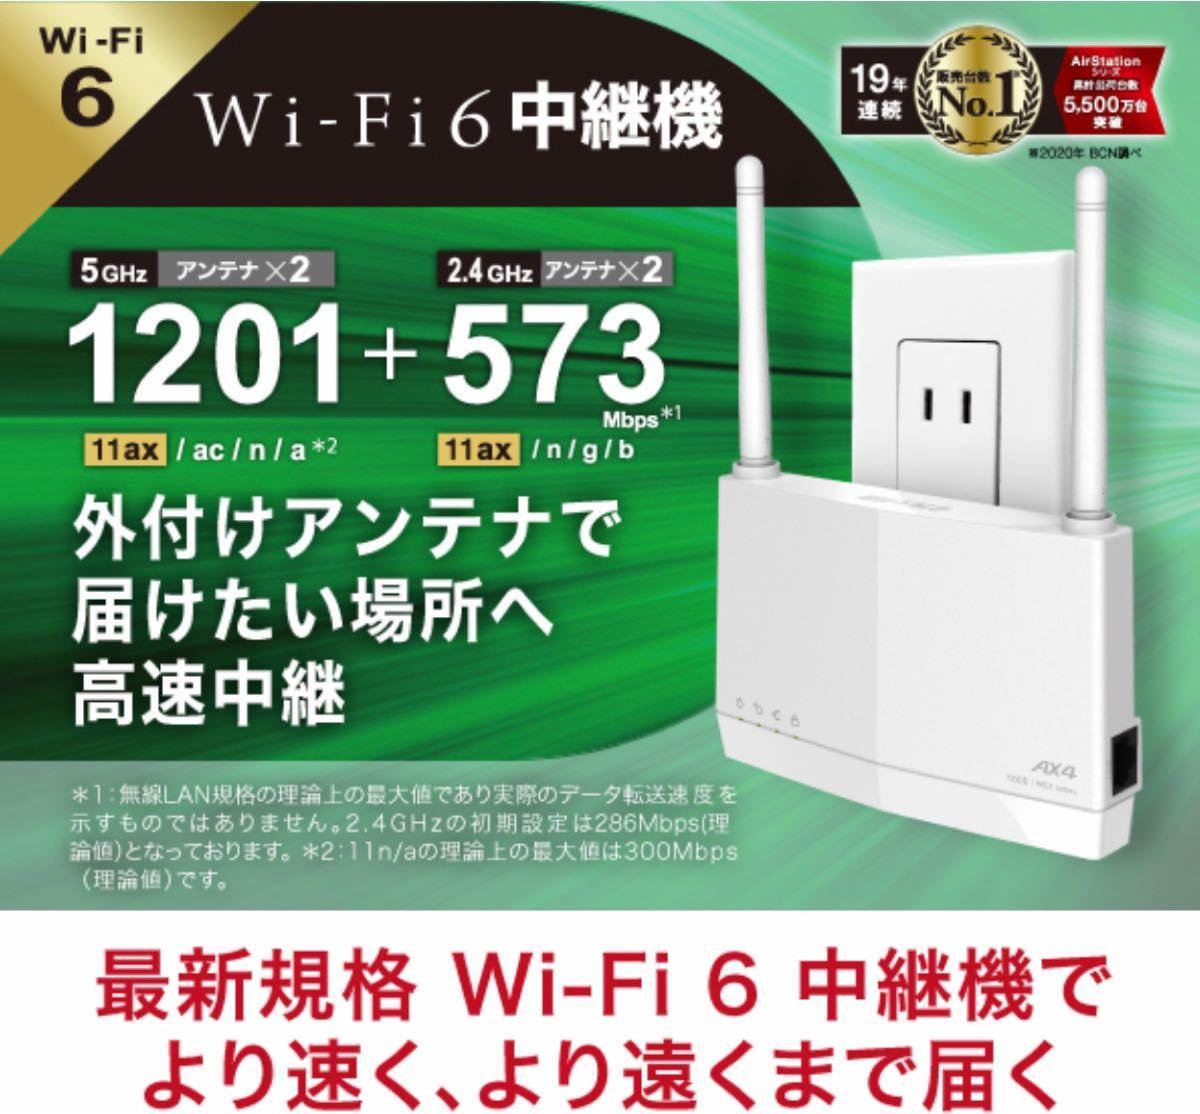 WiFi 無線LAN 中継機 Wi-Fi6 11ax / 11ac 1201+573Mbps ハイパワーWEX-1800AX4EA